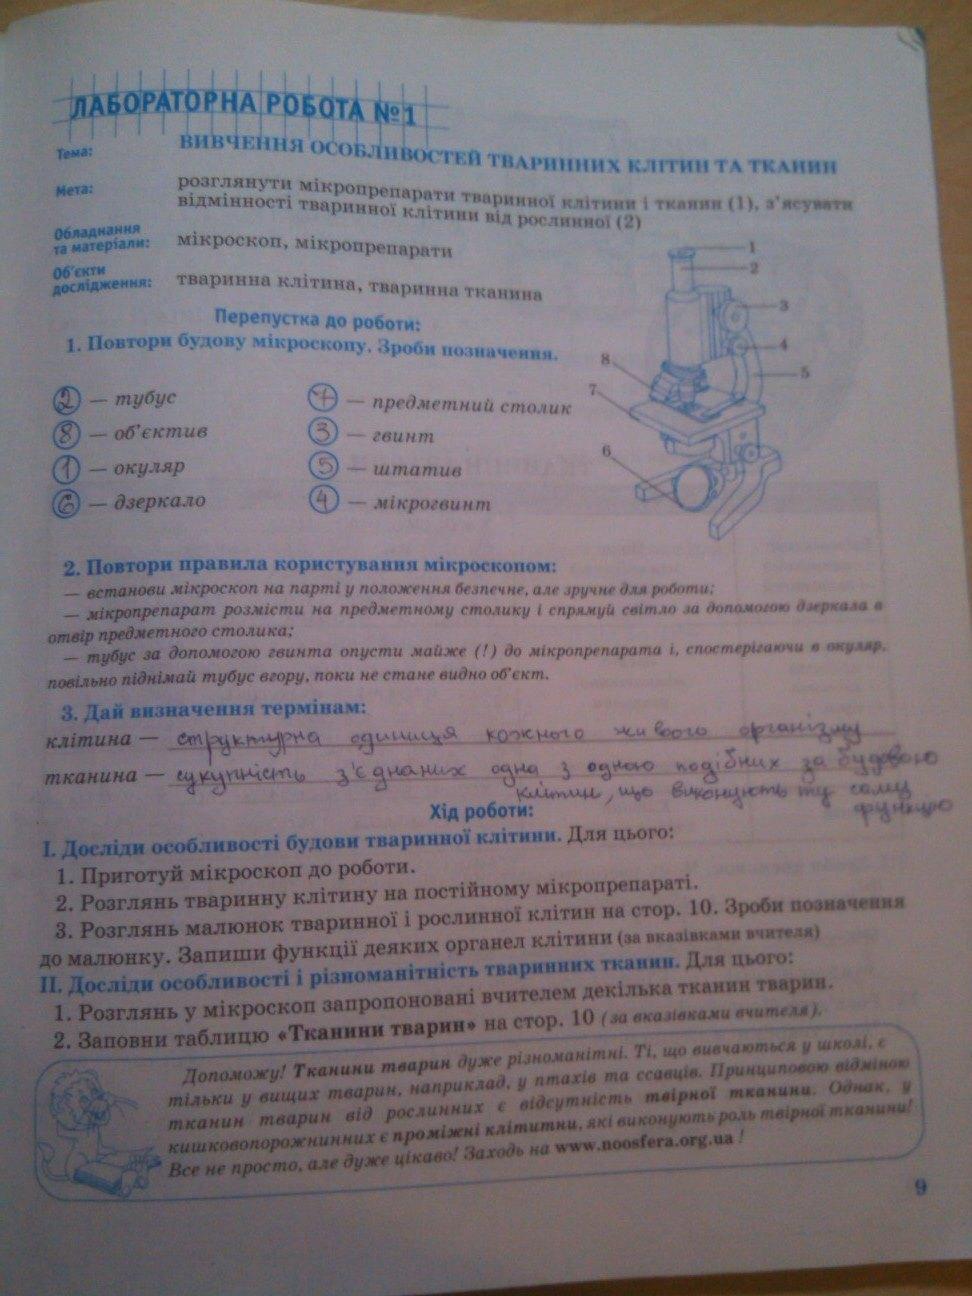 ГДЗ відповіді робочий зошит по биологии 8 класс О.В. Князева. Задание: стр. 9